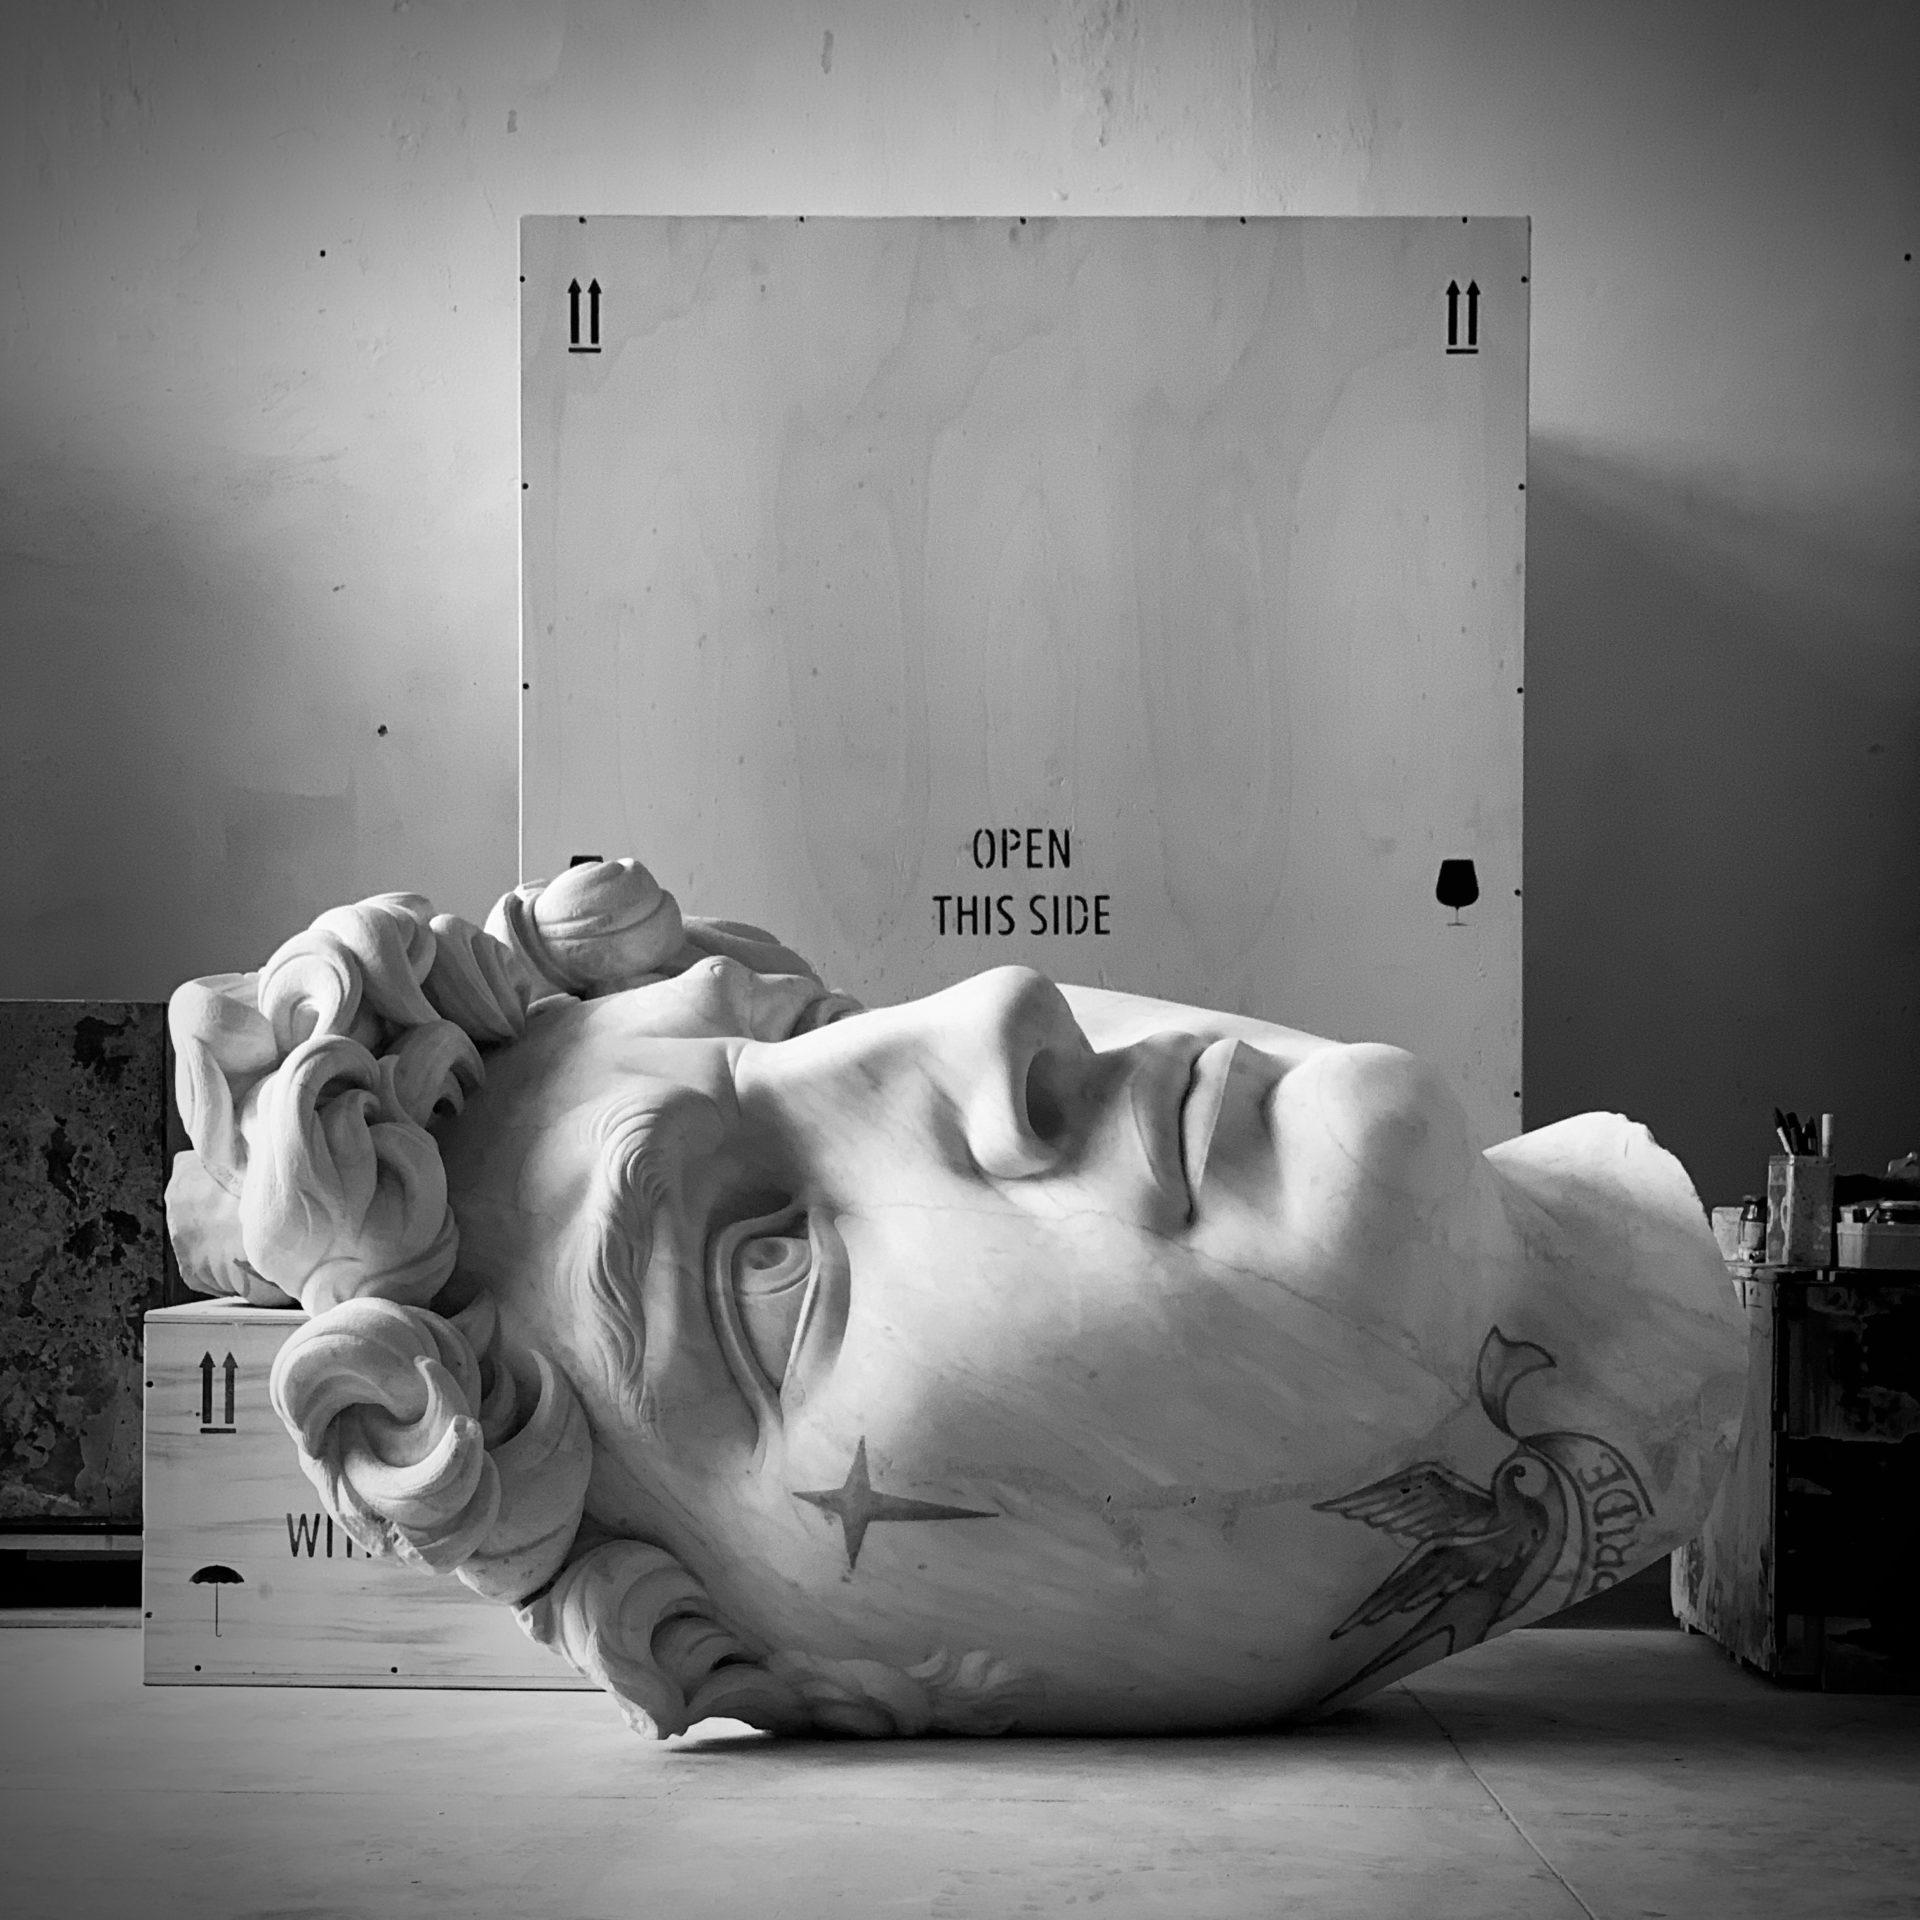 FABIO VIALE, Souvenir David, 2020, marmo bianco e pigmenti